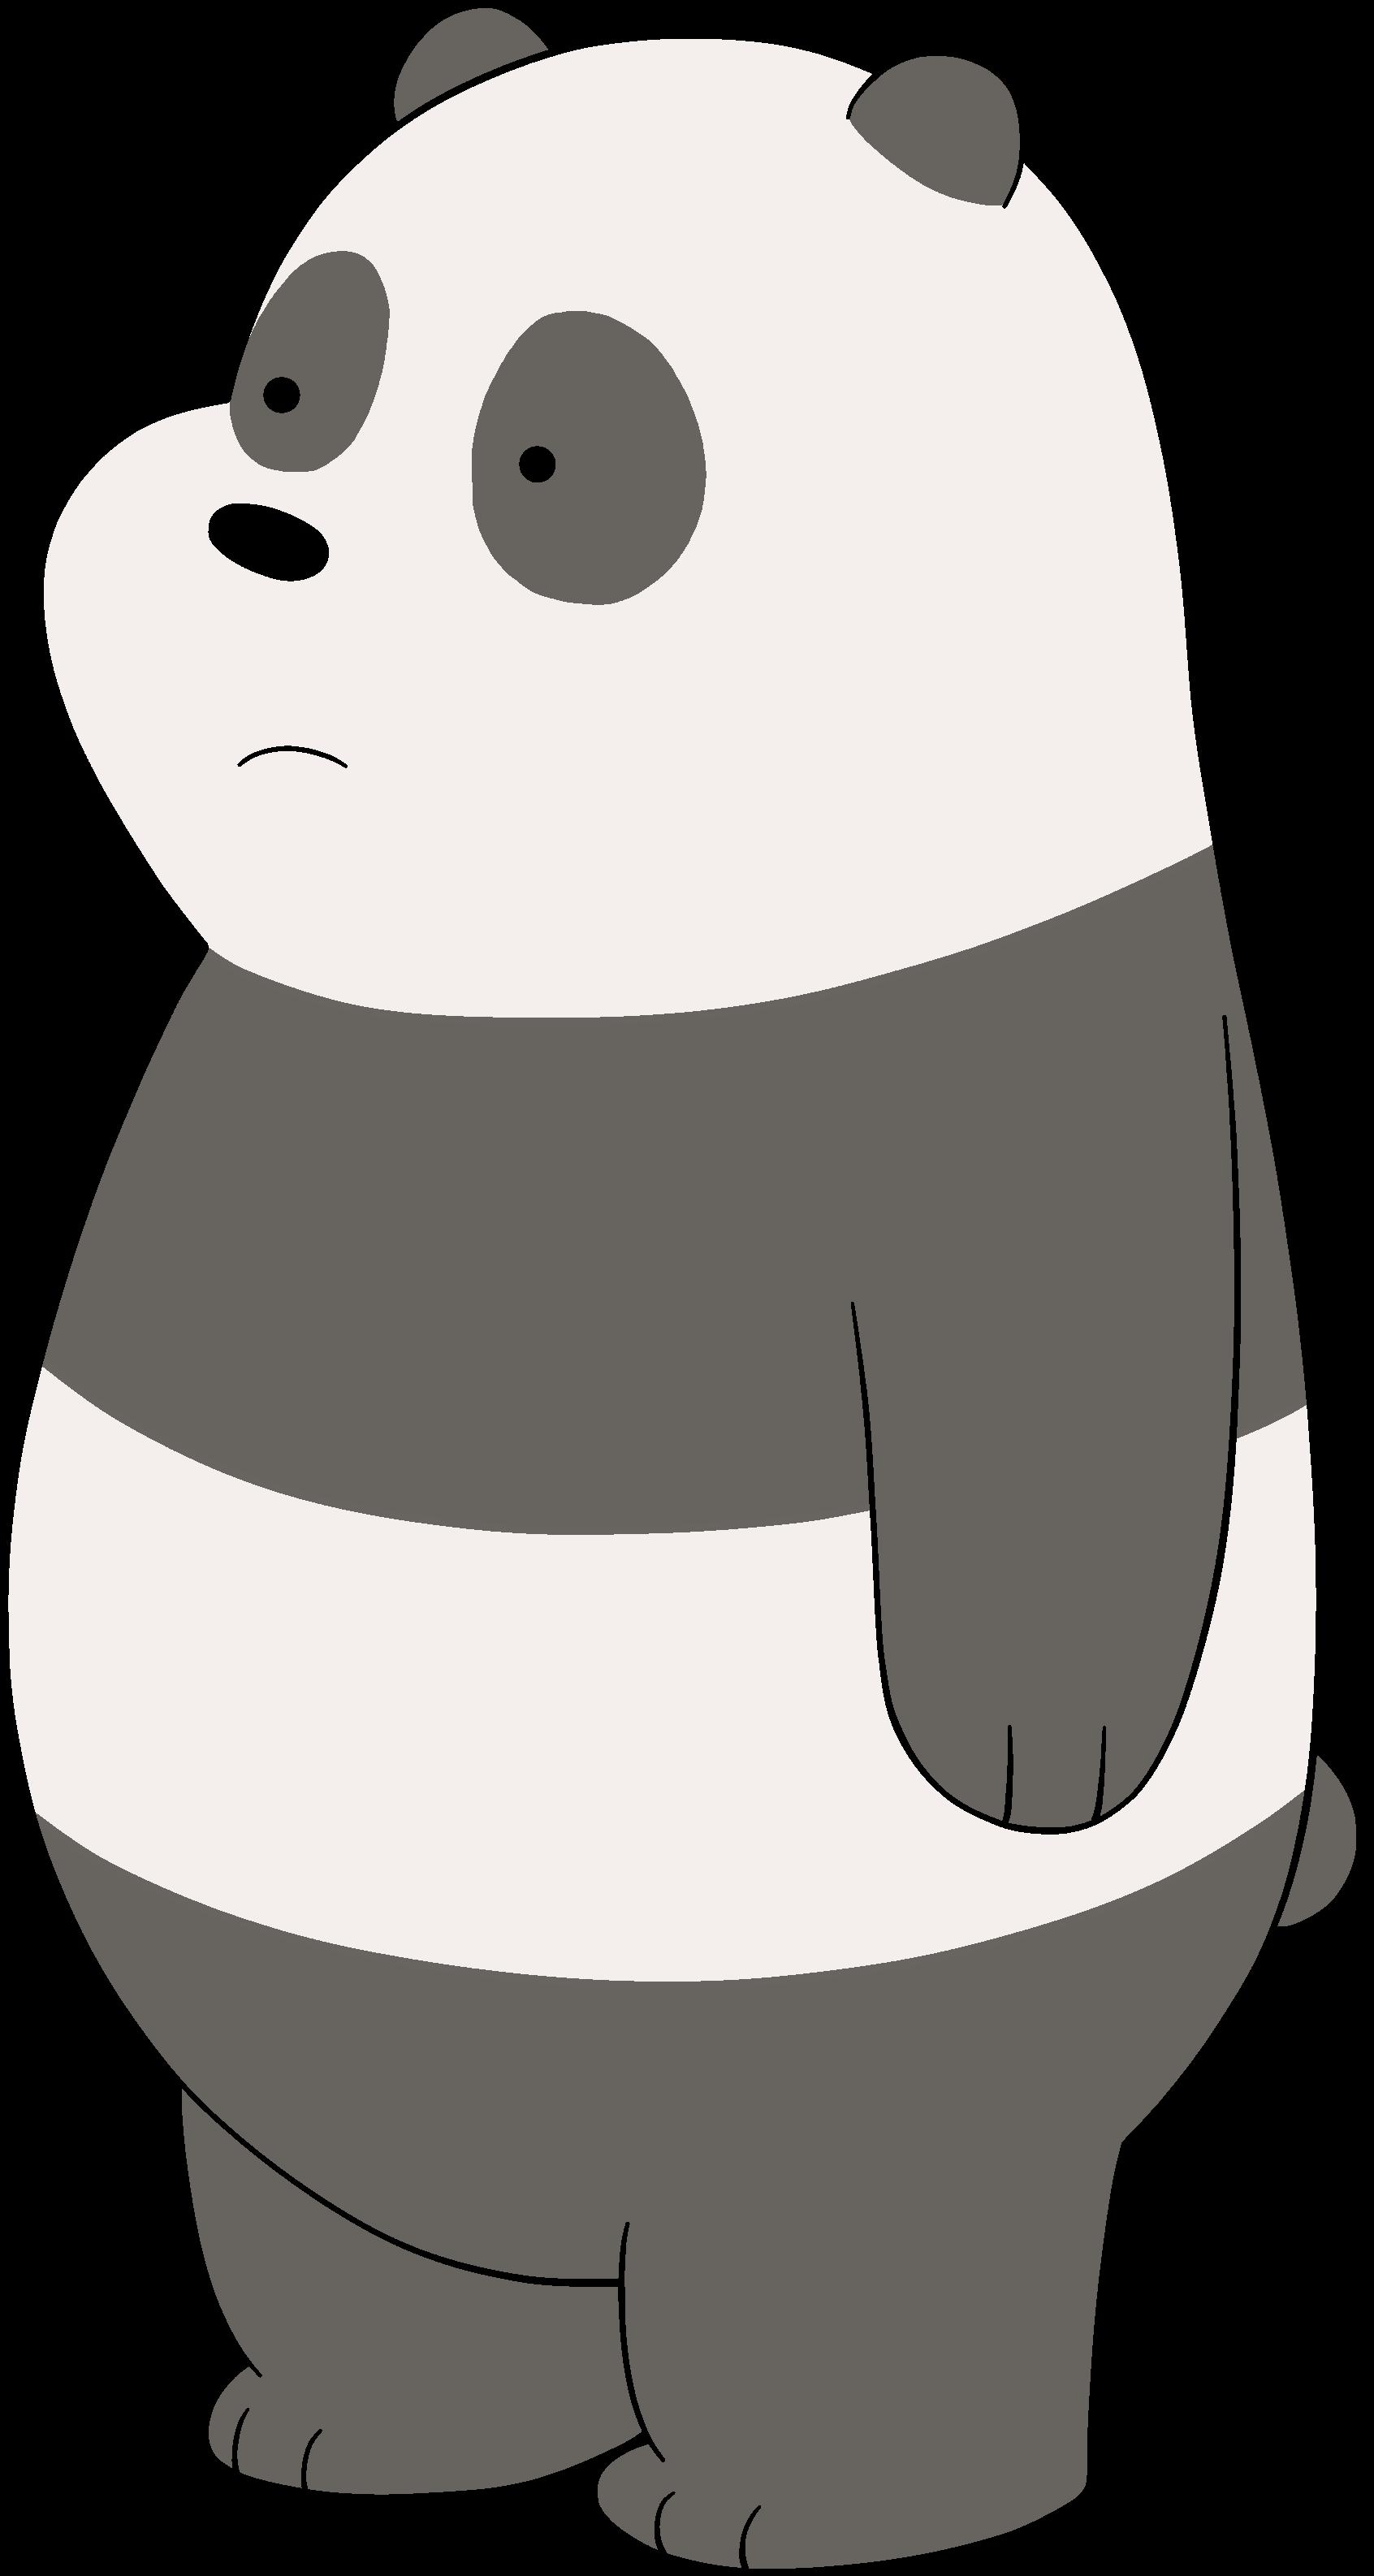 Gambar Kartun We Bare Bears Kata Kata